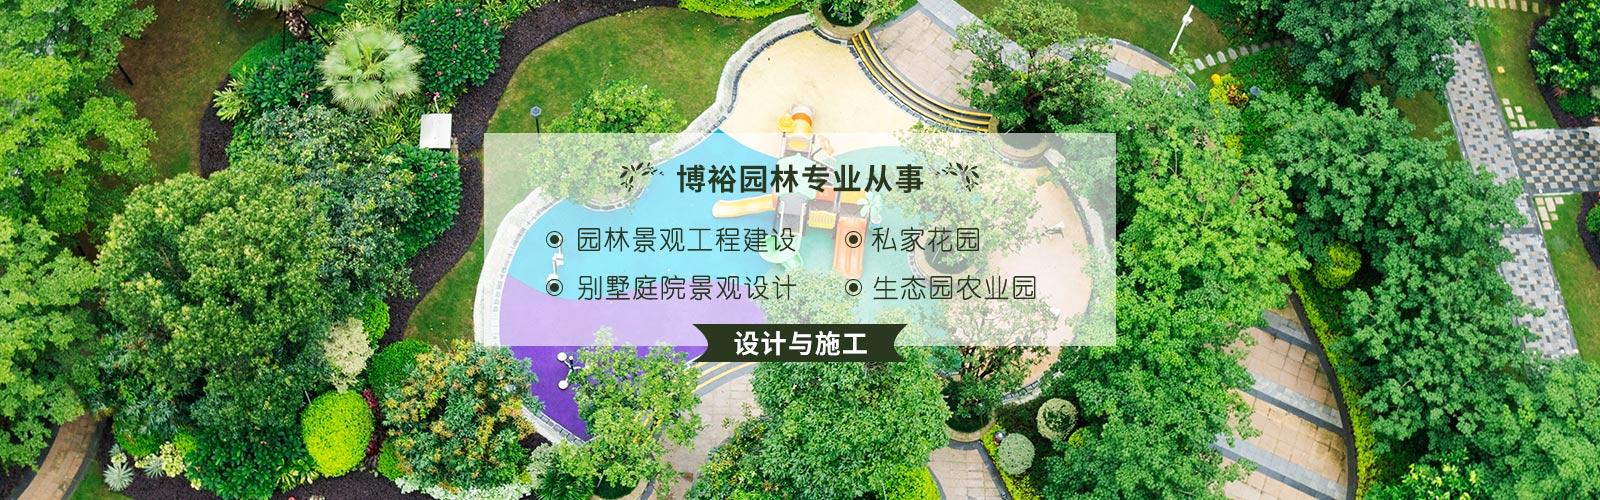 重庆私家园林景观设计